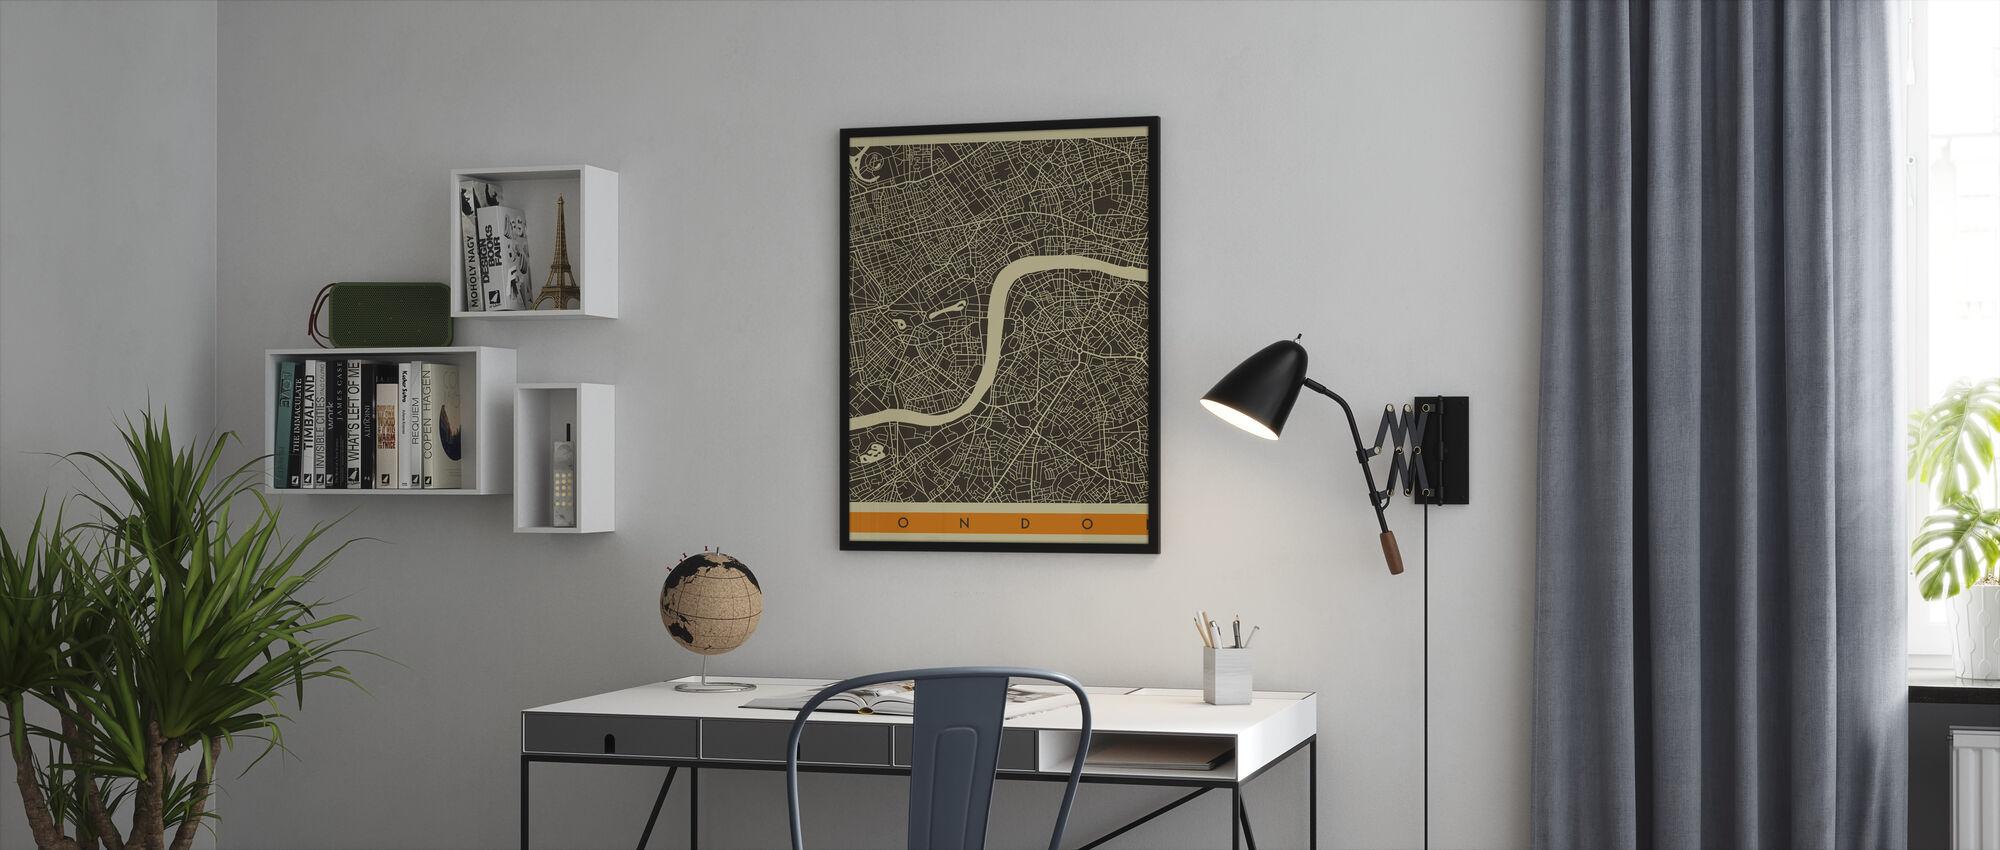 Kaupunki Kartta - Lontoo - Kehystetty kuva - Toimisto